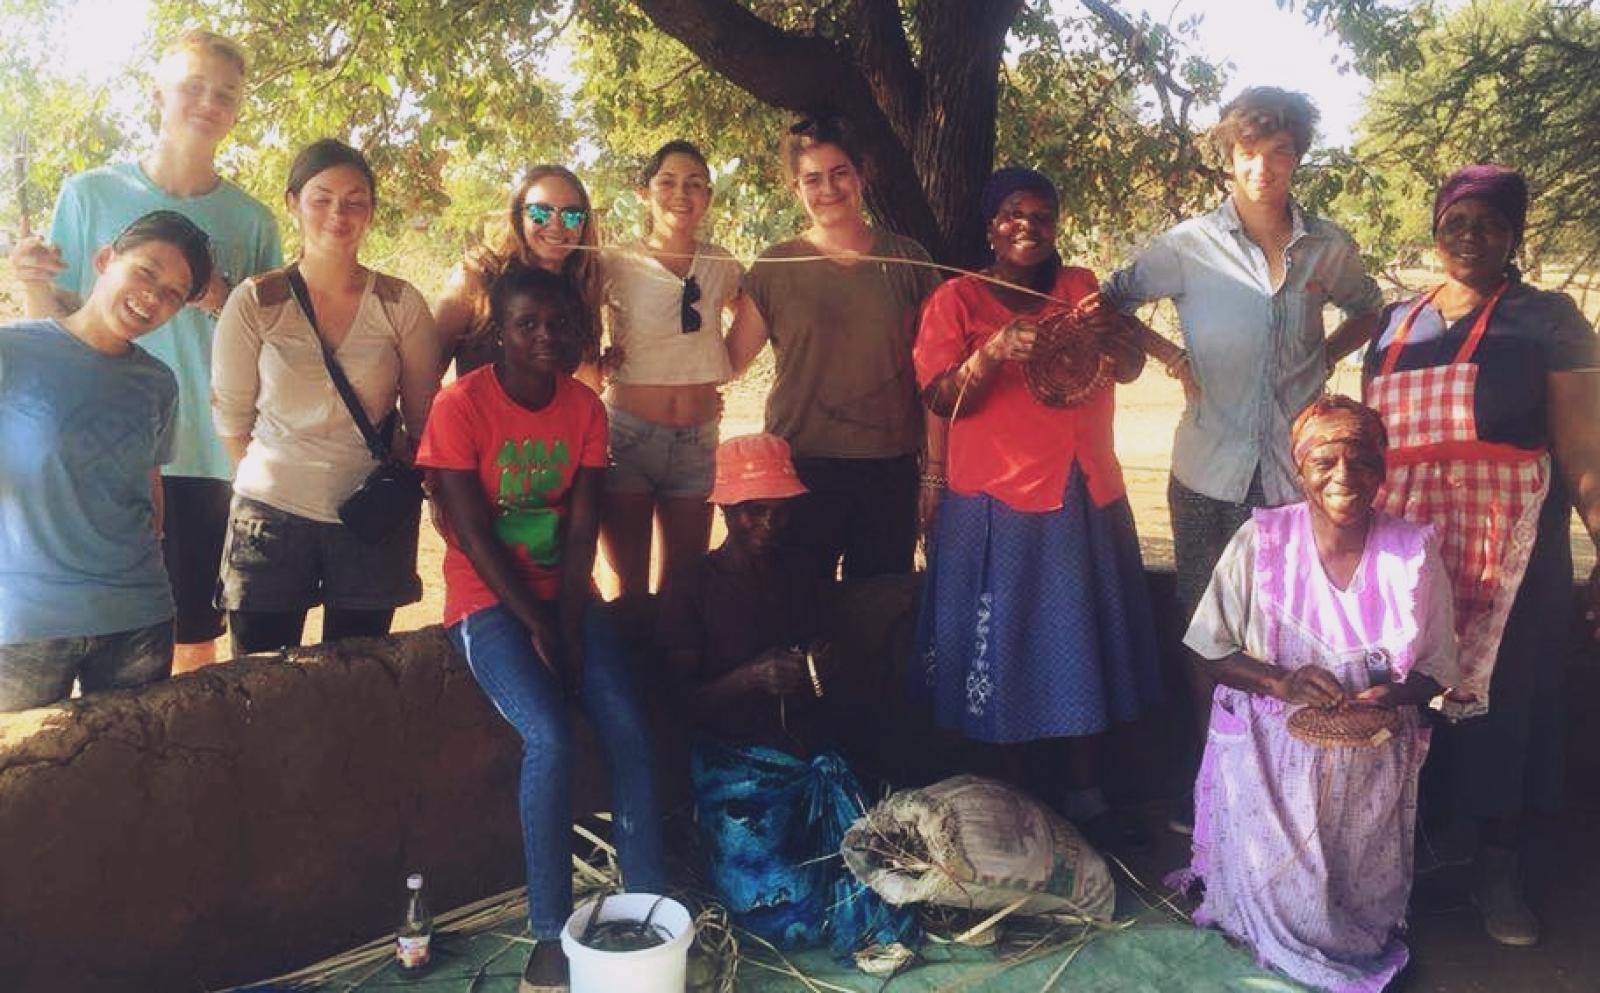 ボツワナでがんばる河野実里さんと仲間の環境保護ボランティア